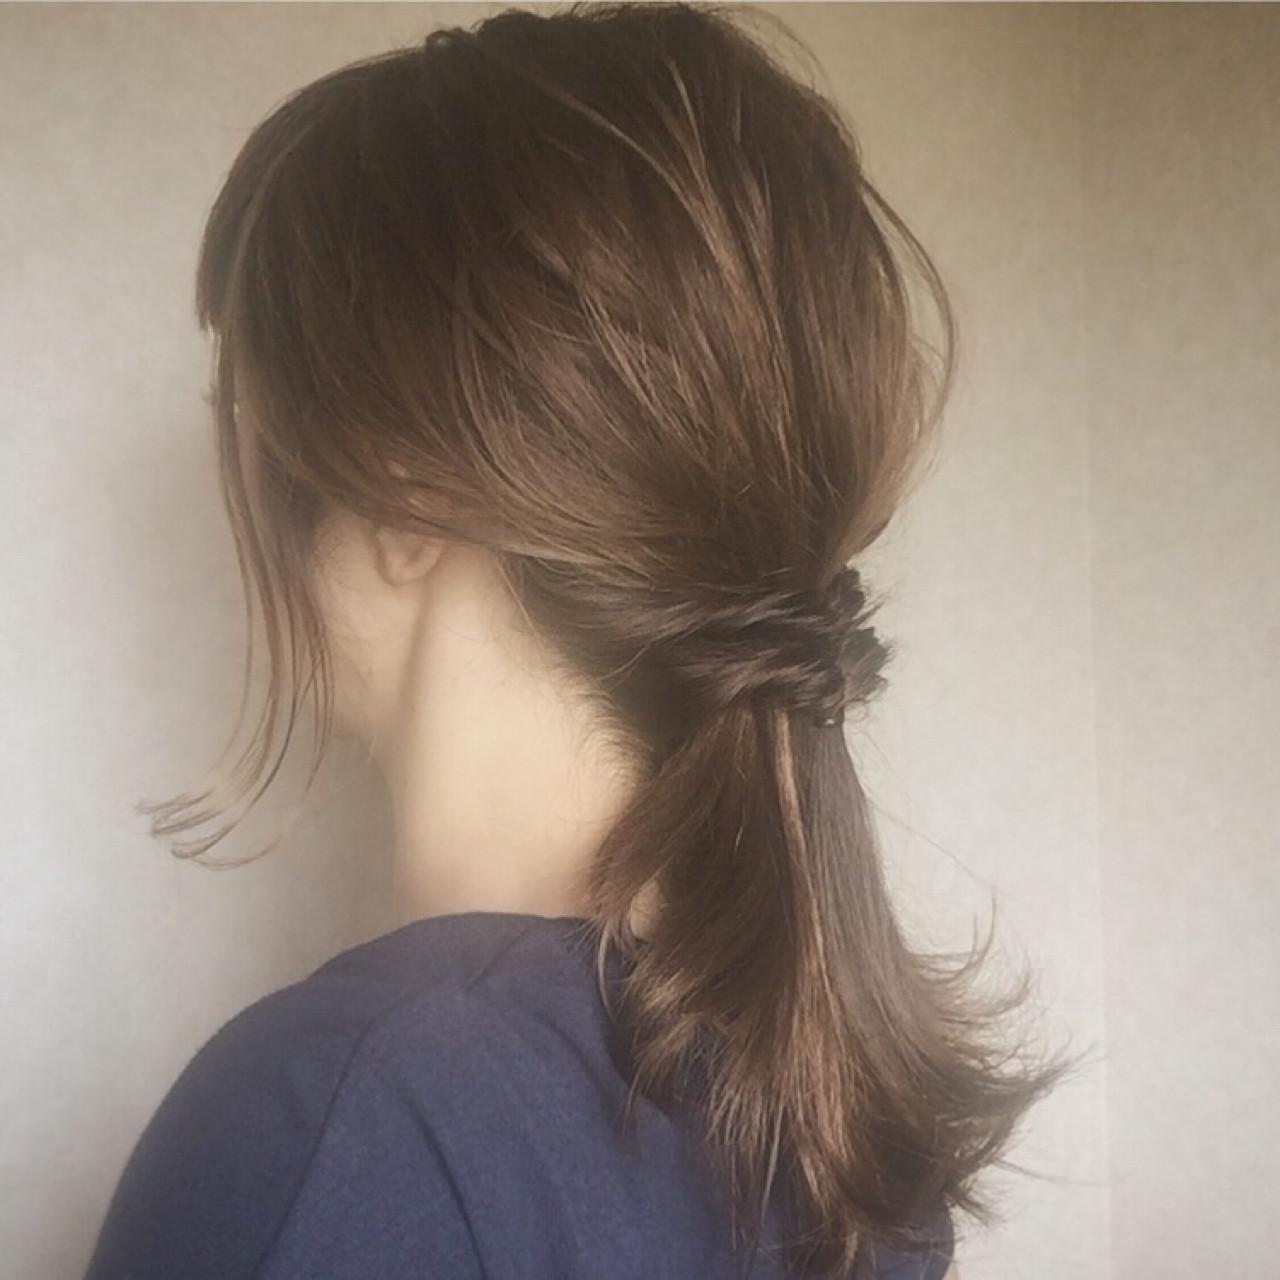 デート ローポニーテール 女子会 ナチュラル ヘアスタイルや髪型の写真・画像